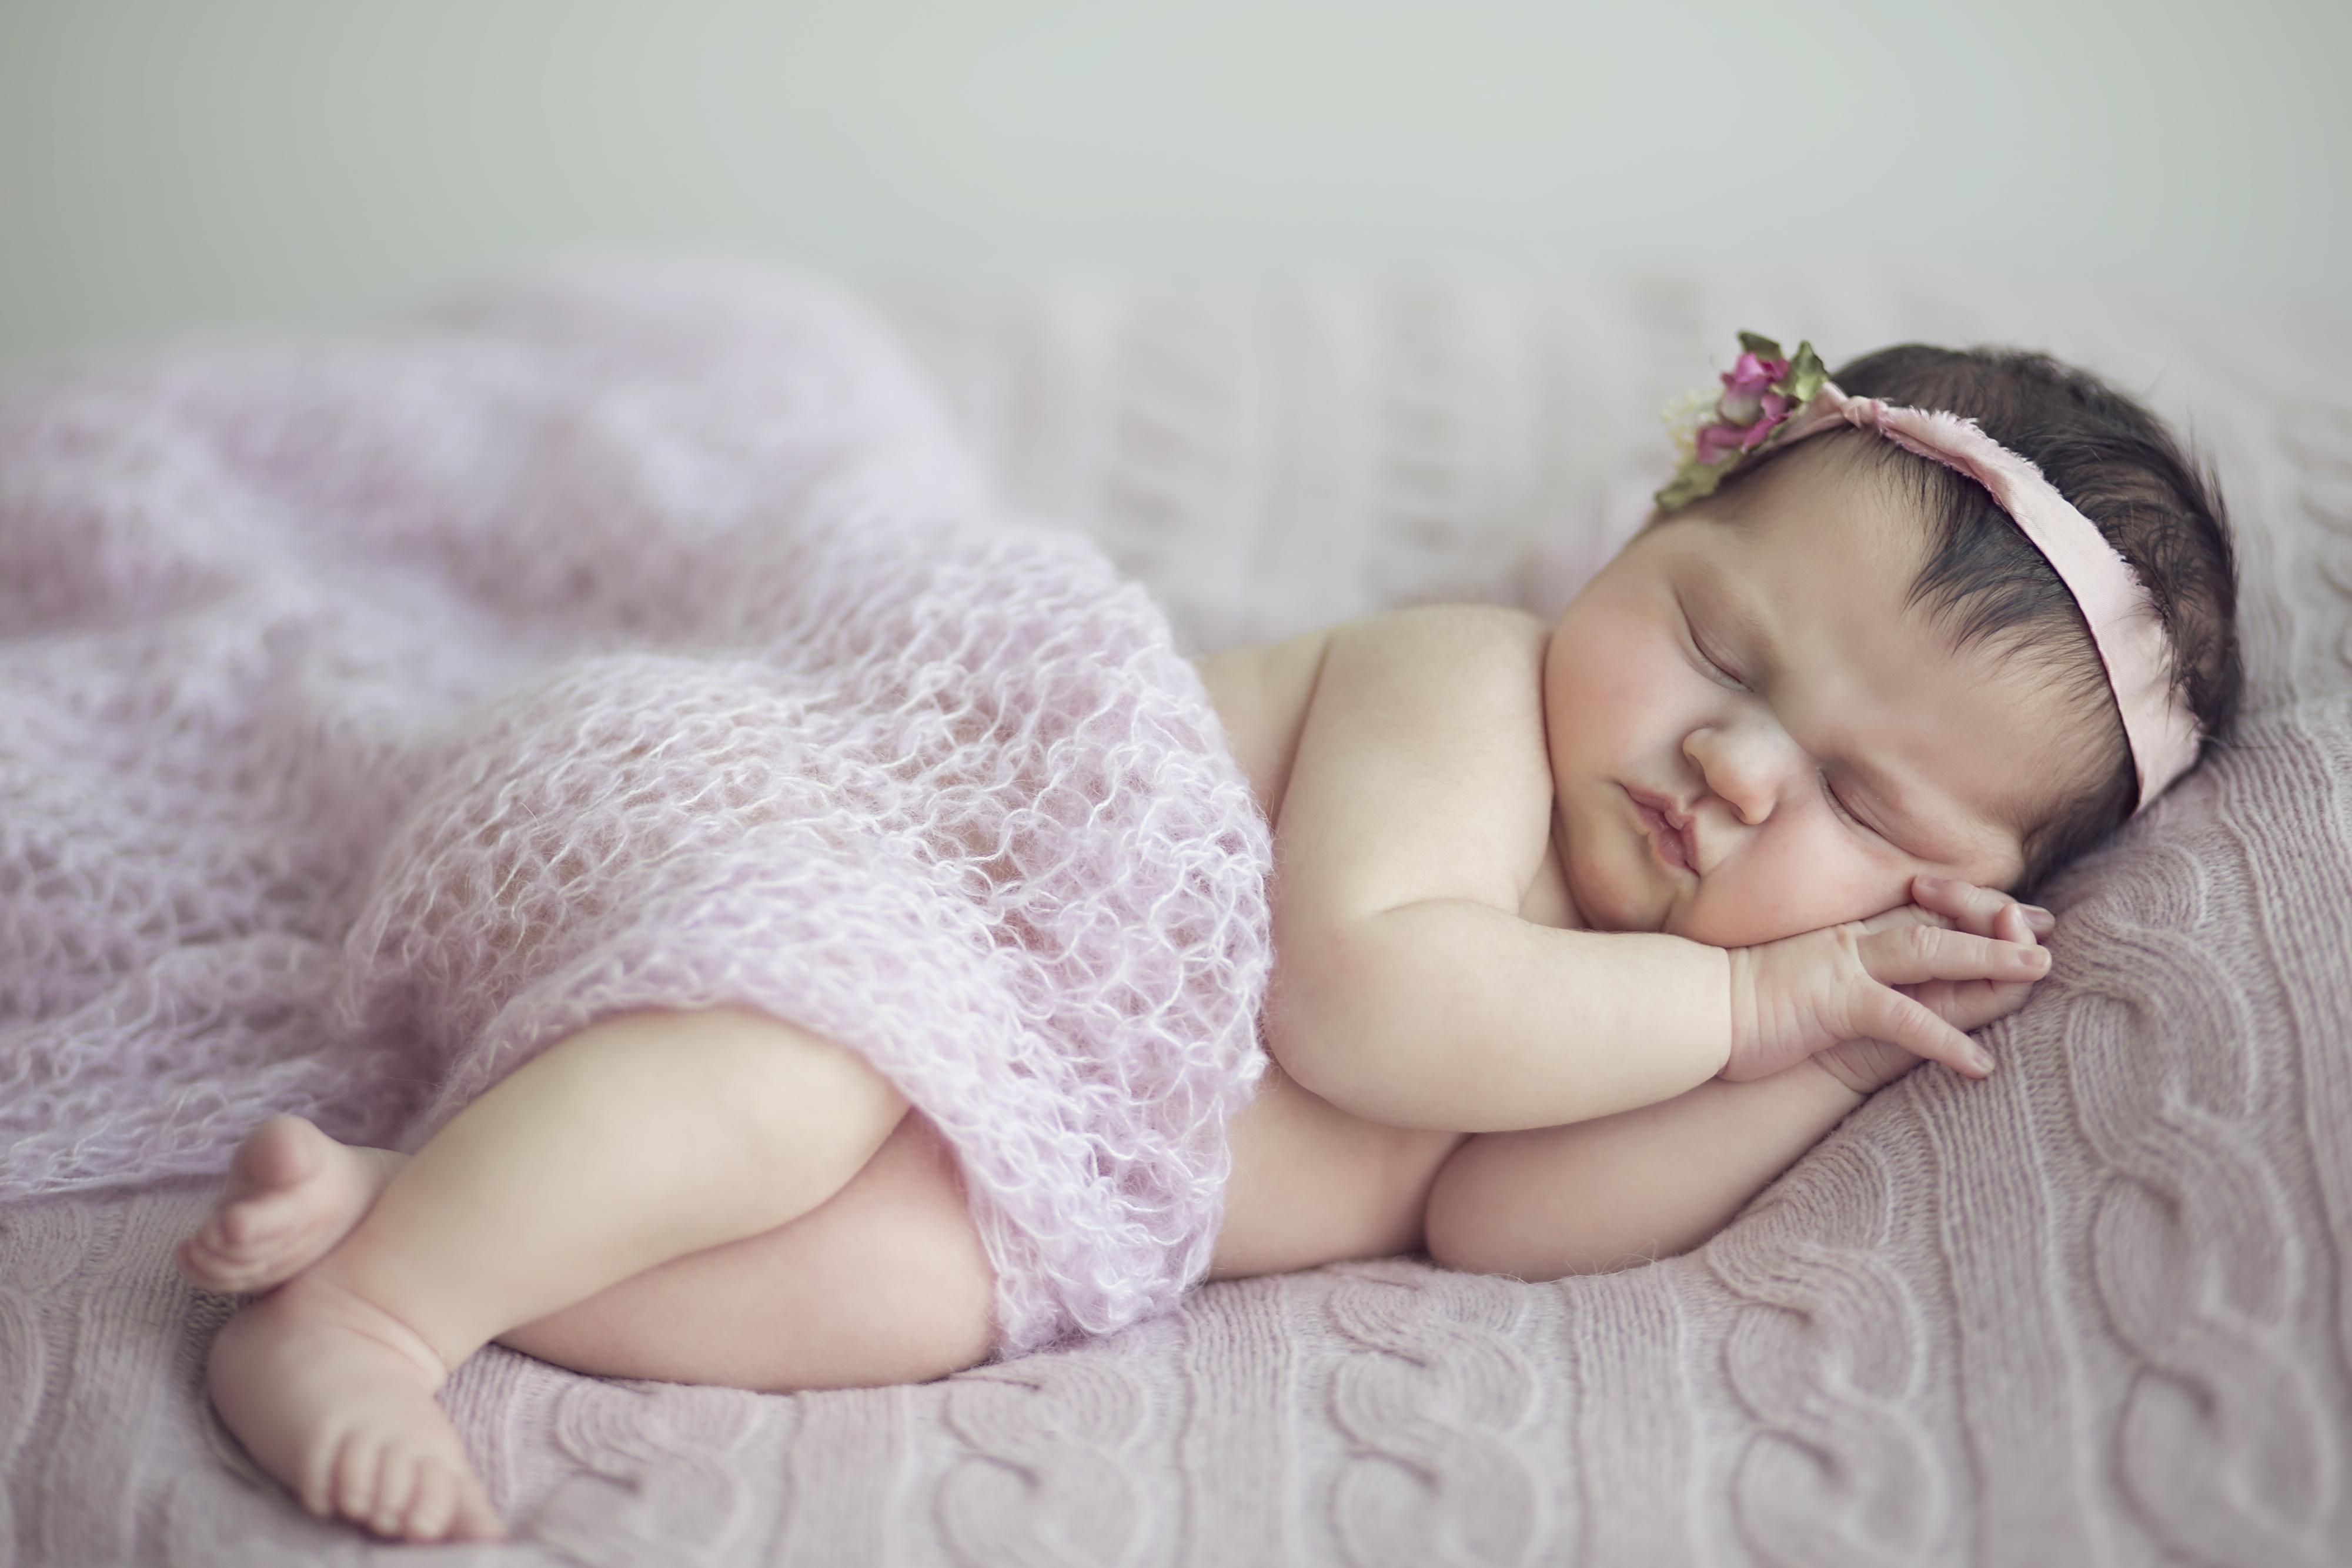 Малышка с длинными волосами – ждите непредвиденную дорогу (путешествие).